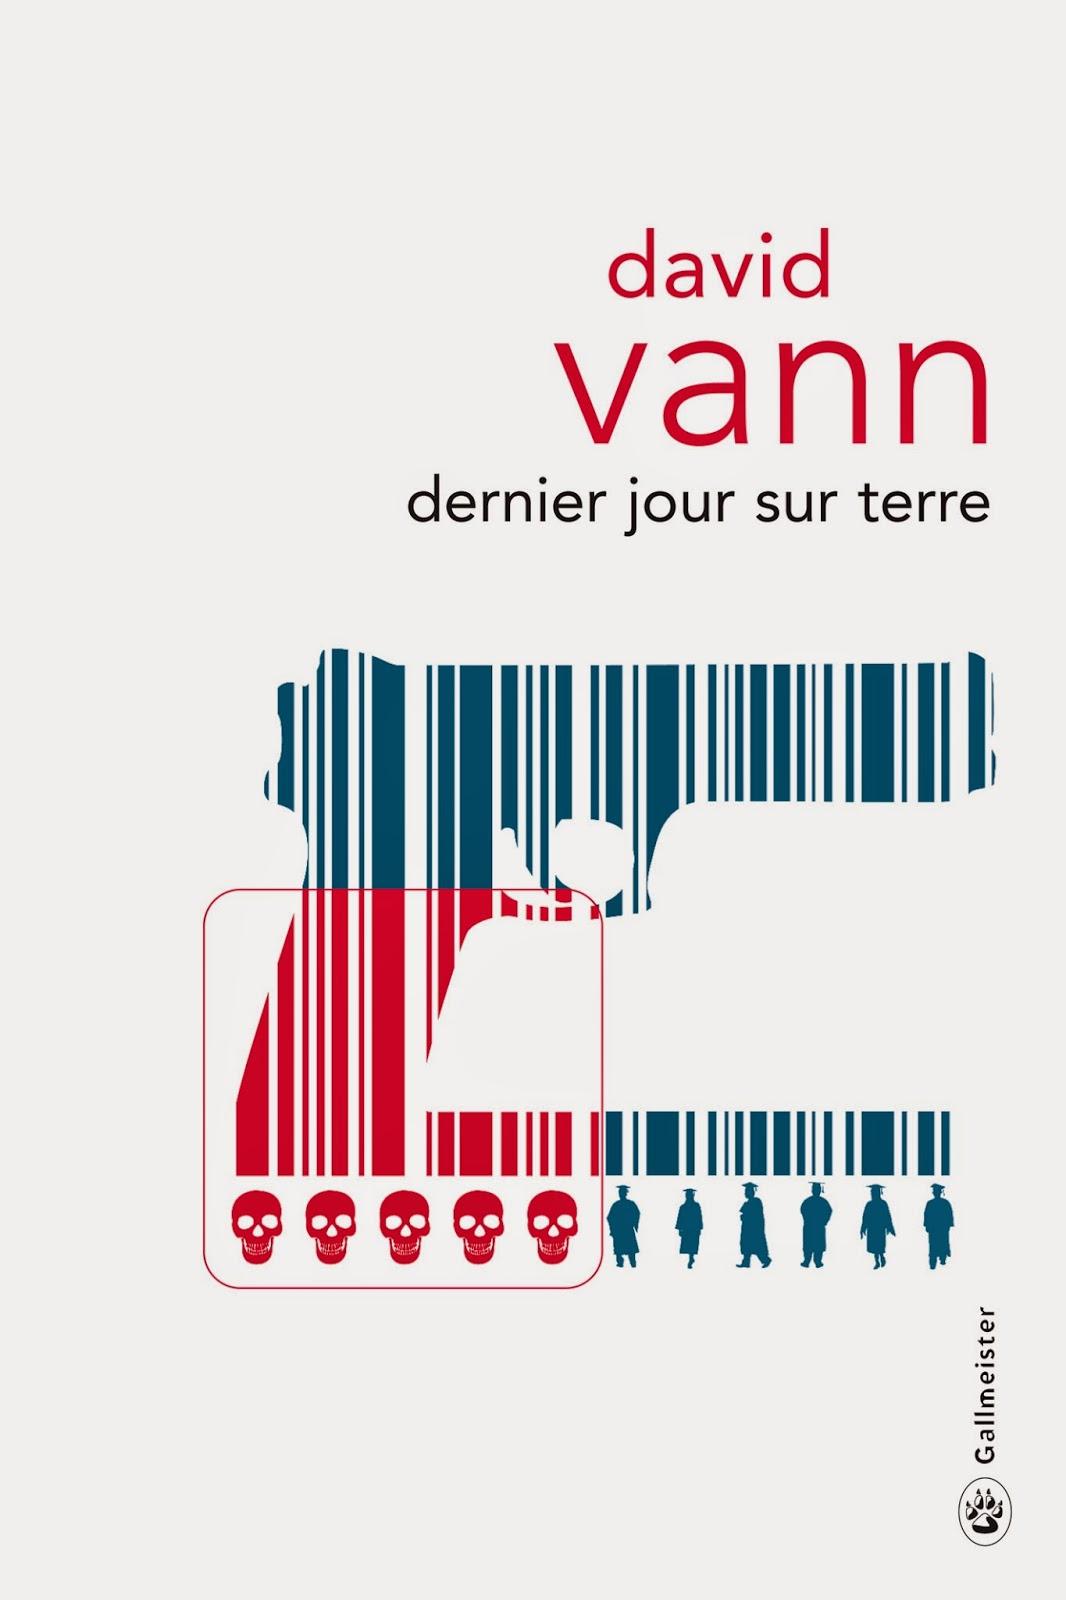 Dernier jour sur terre - David Vann - Editions Gallmeister - 2014 - Traduit de l'américain par Laura Derajinski.